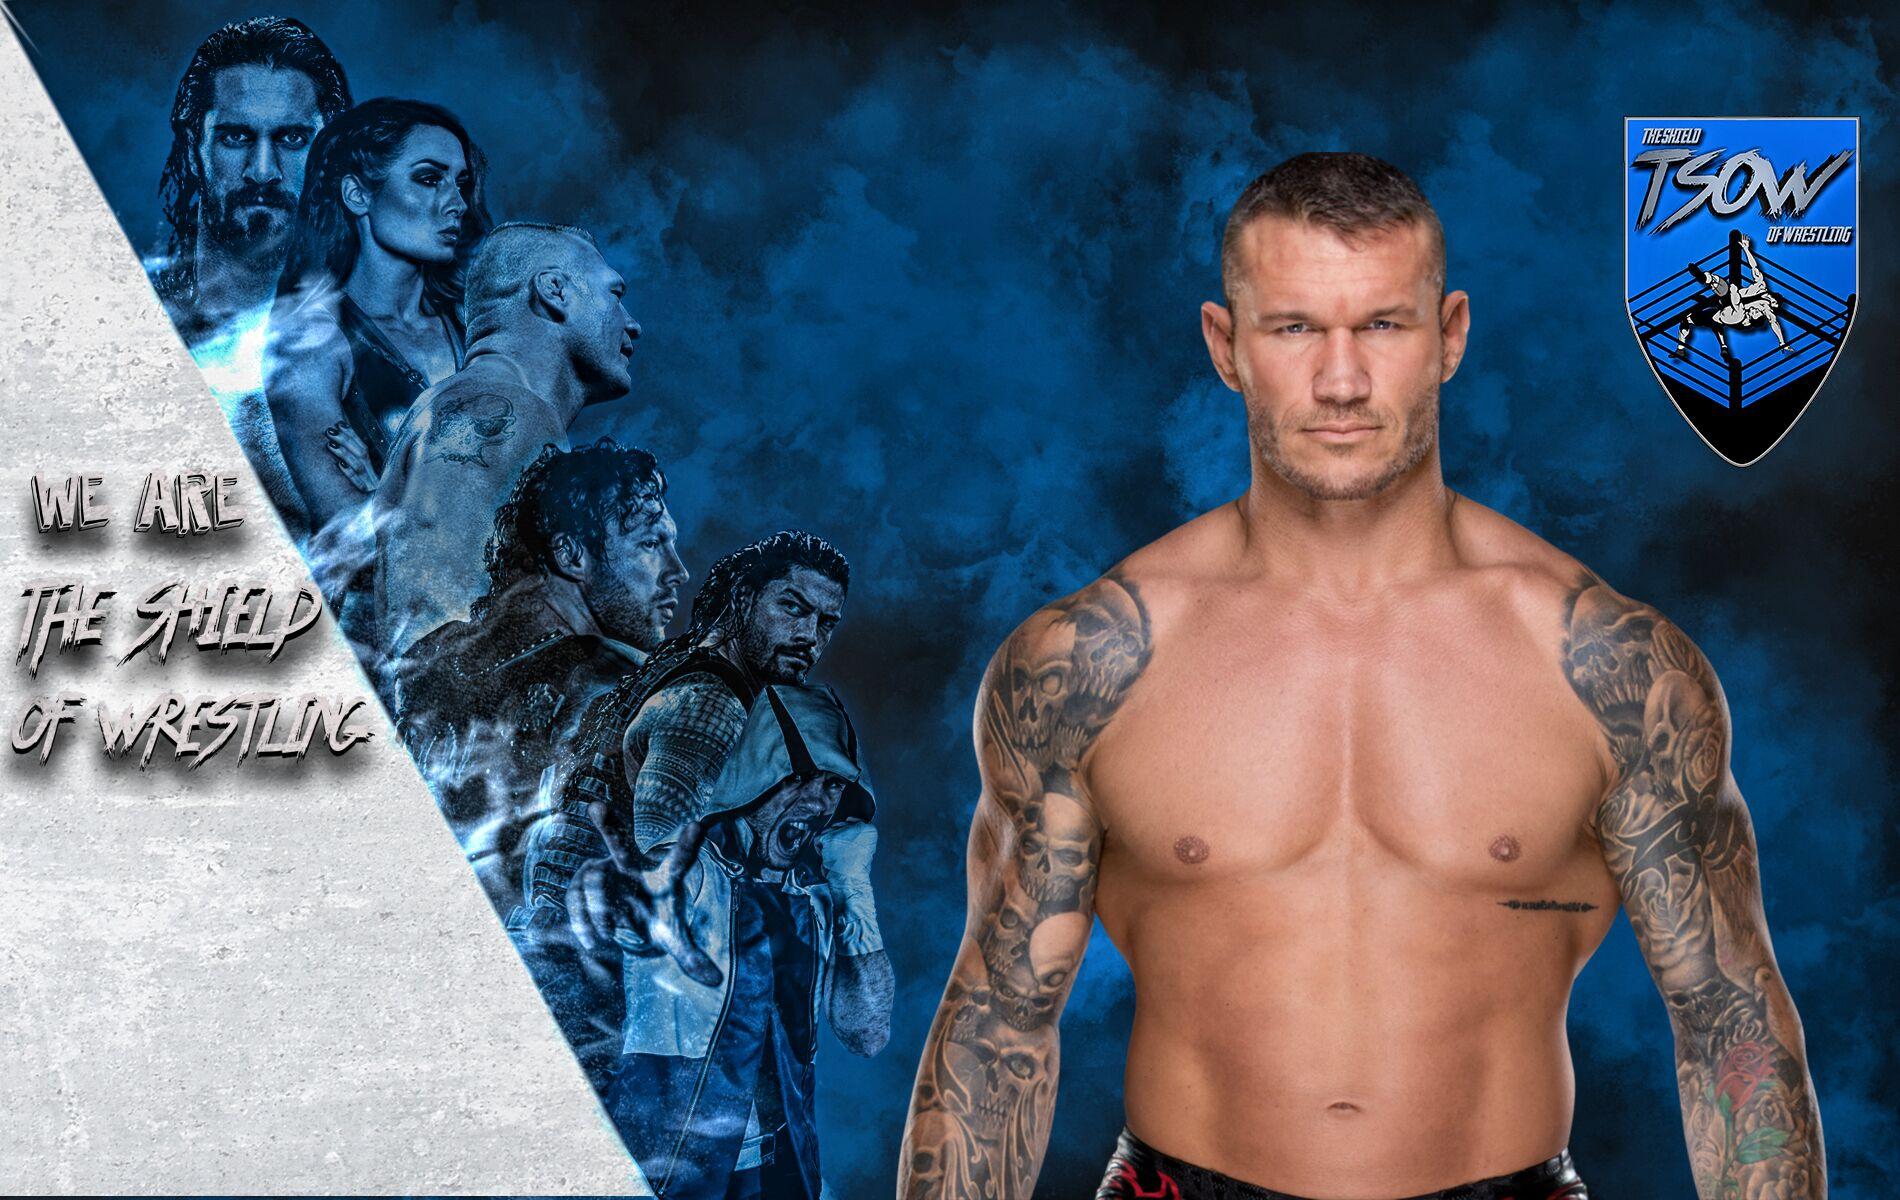 Randy Orton ha detto la parola con la N durante una Live su Twitch - Randy Orton